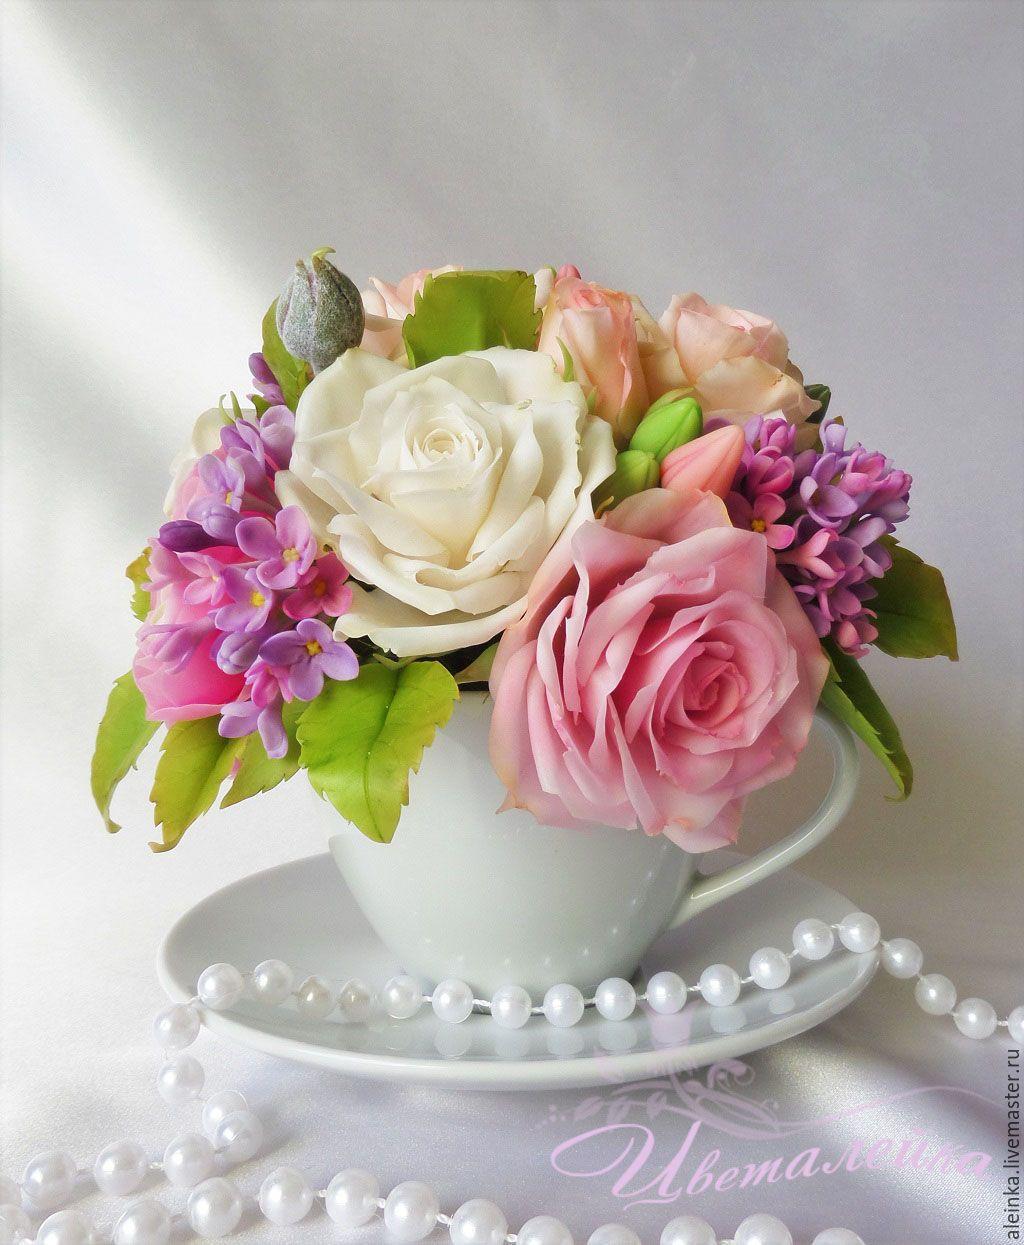 Подарок весенний женщине купить розы остина в минске